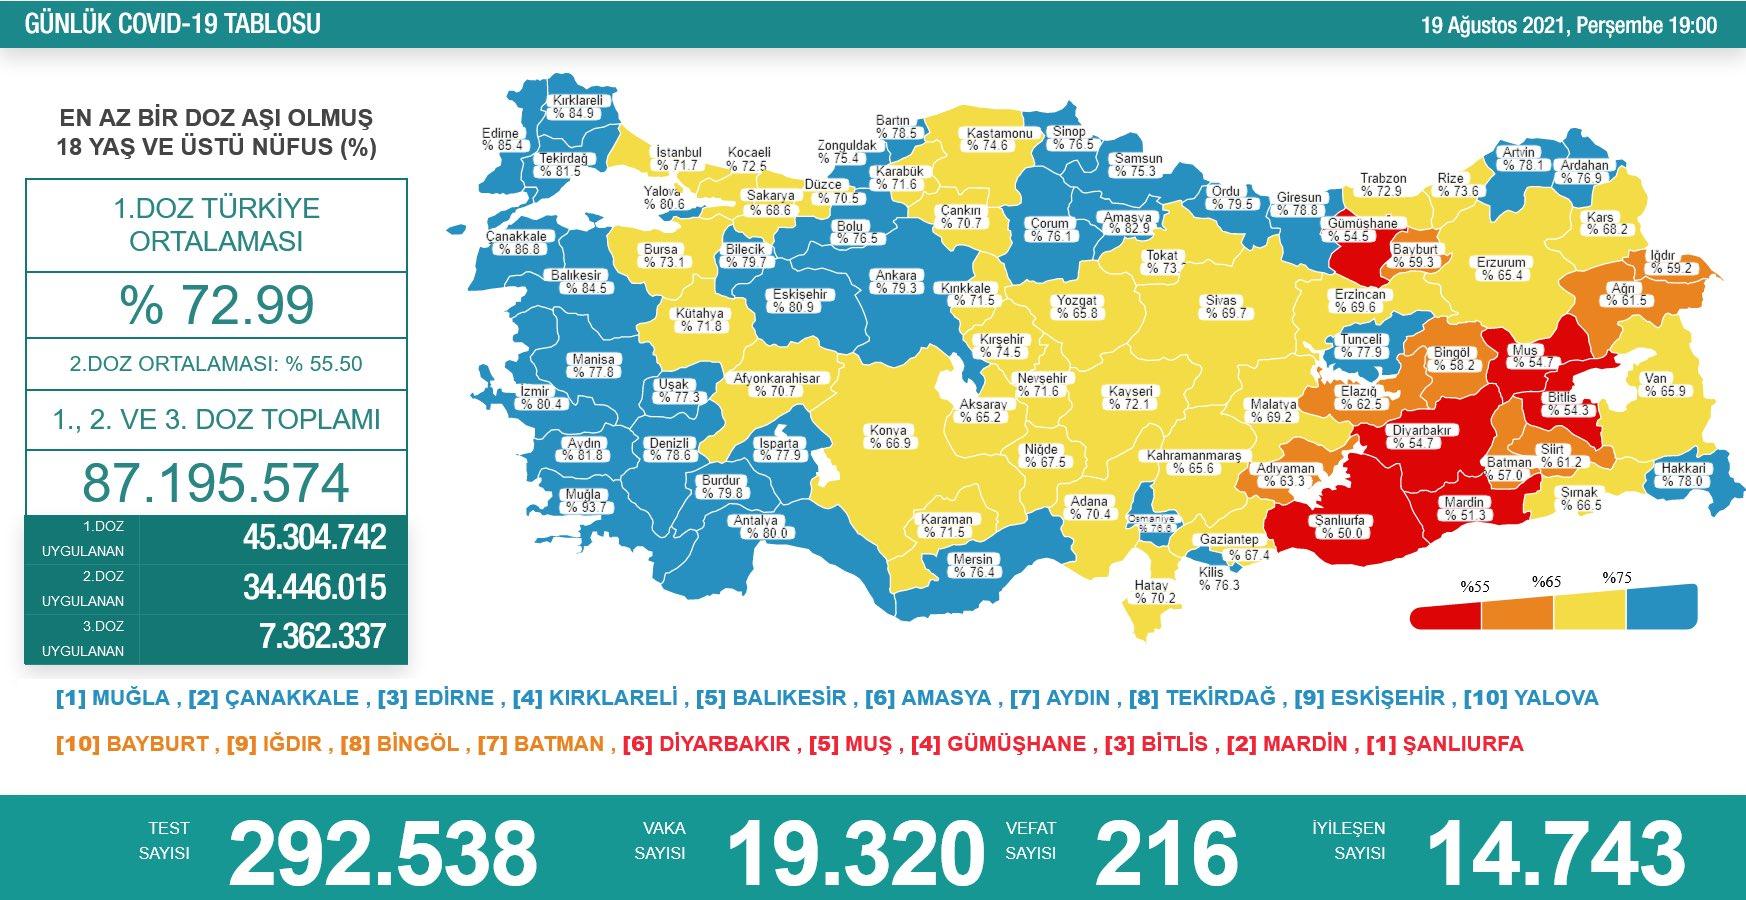 19 Ağustos 2021 Türkiye Koronavirüs Tablosu Açıkladı